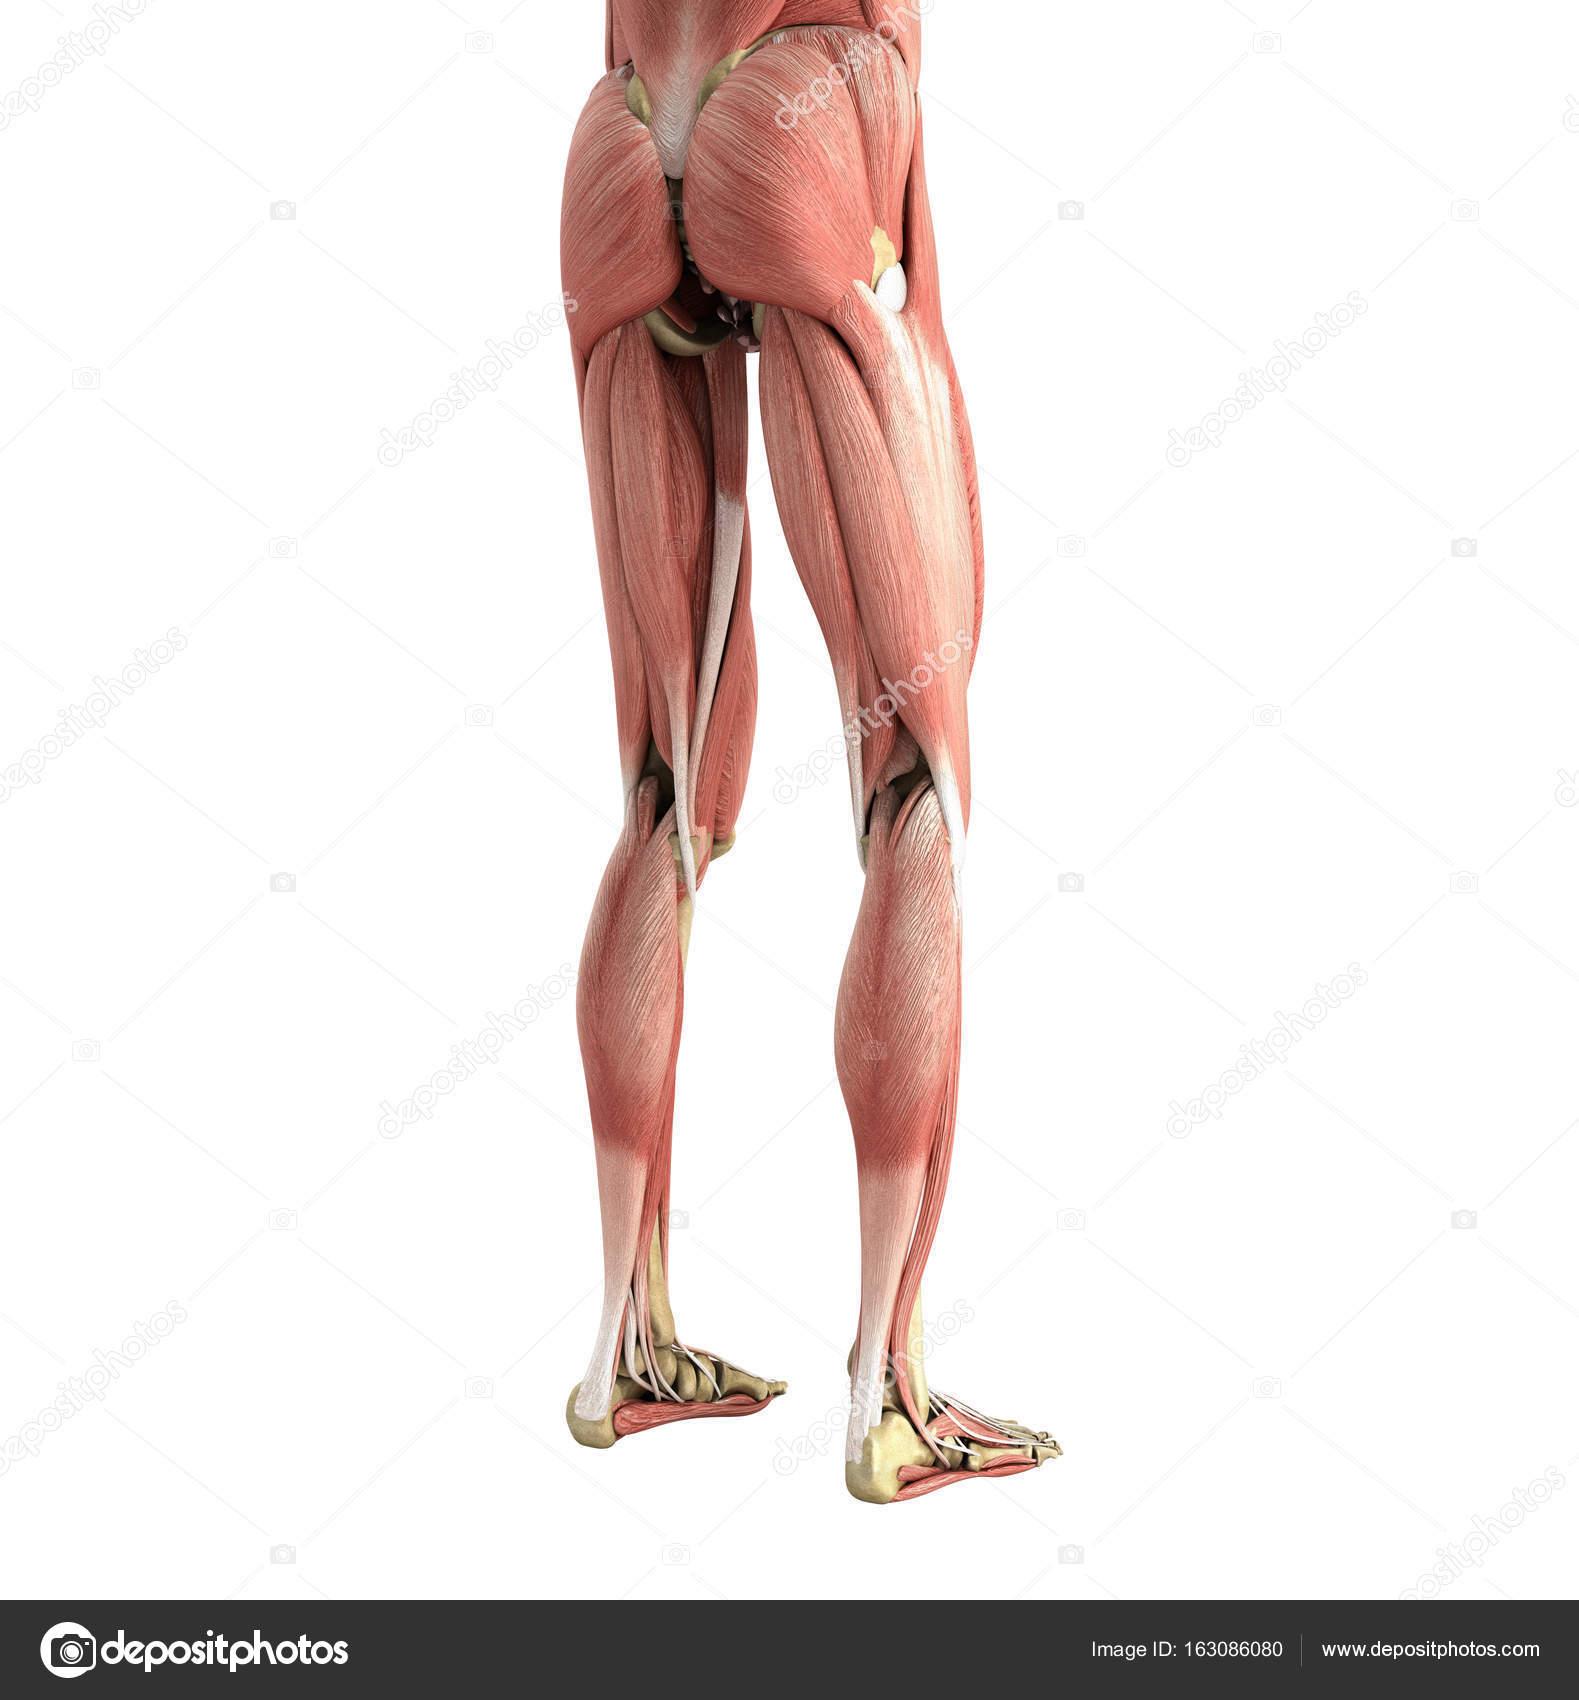 medizinische genaue Abbildung von Bein Muskeln 3d Render auf wh ...